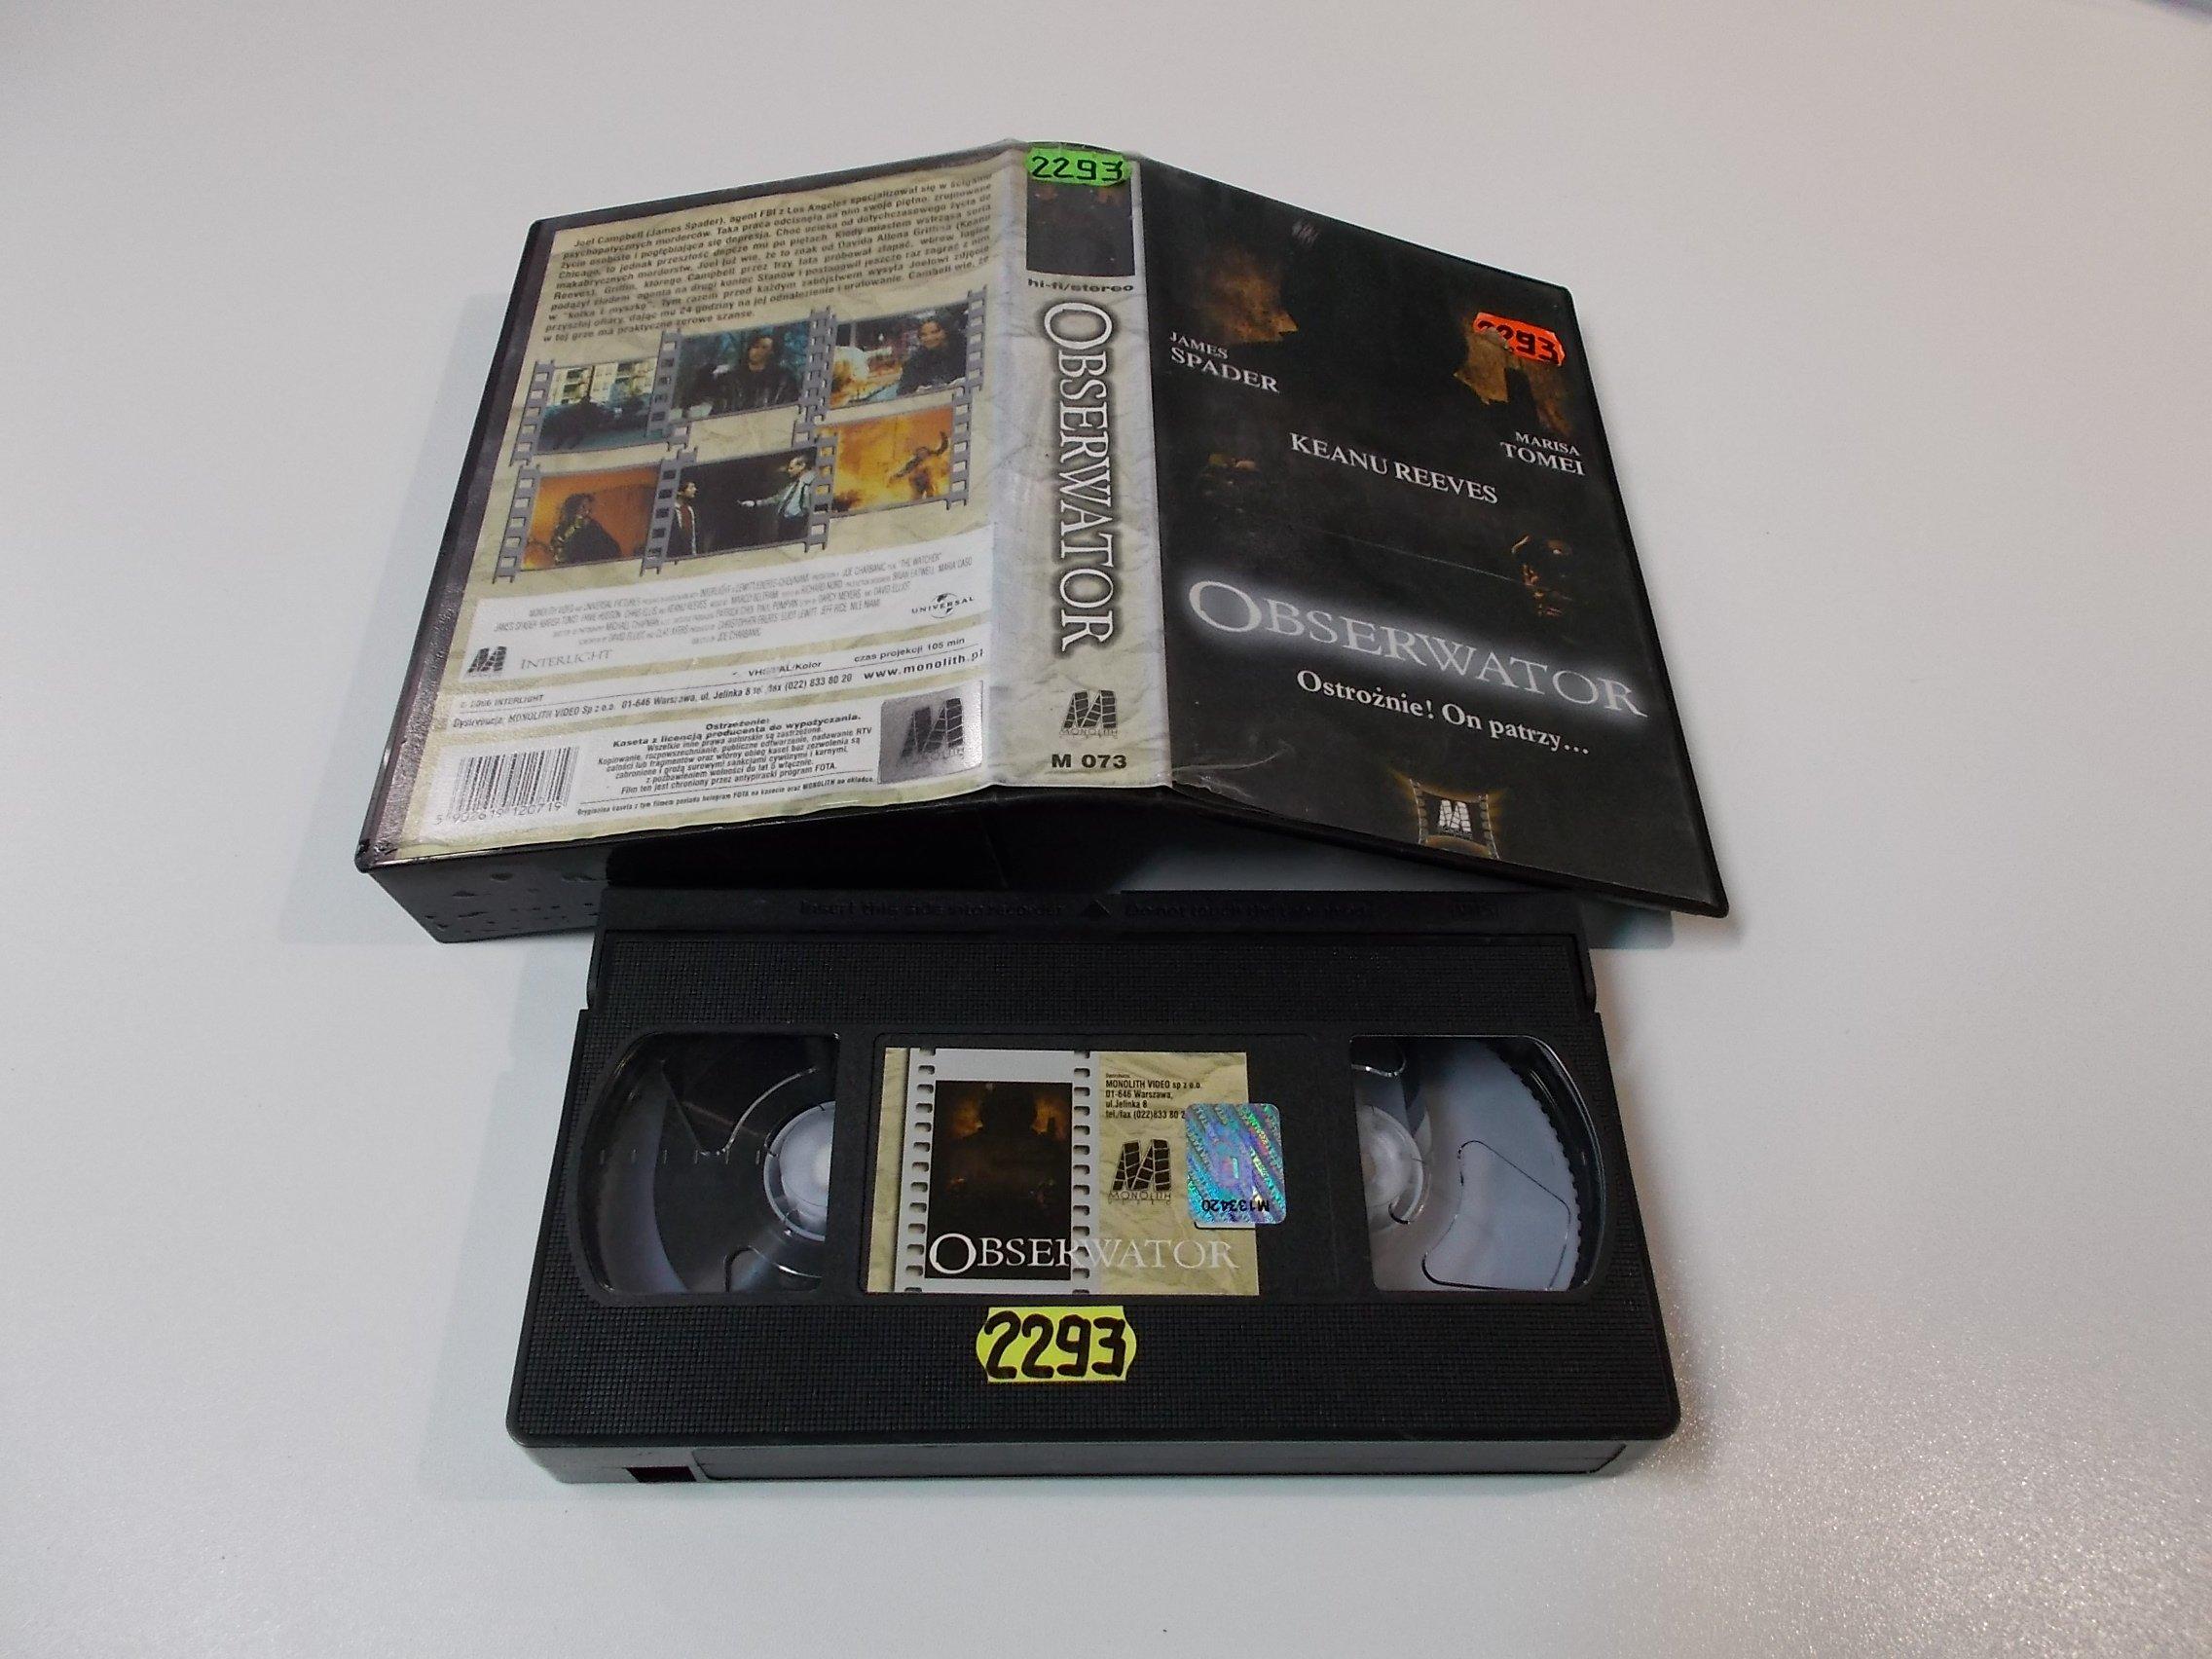 OBSERWATOR - VHS Kaseta Video - Opole 1597